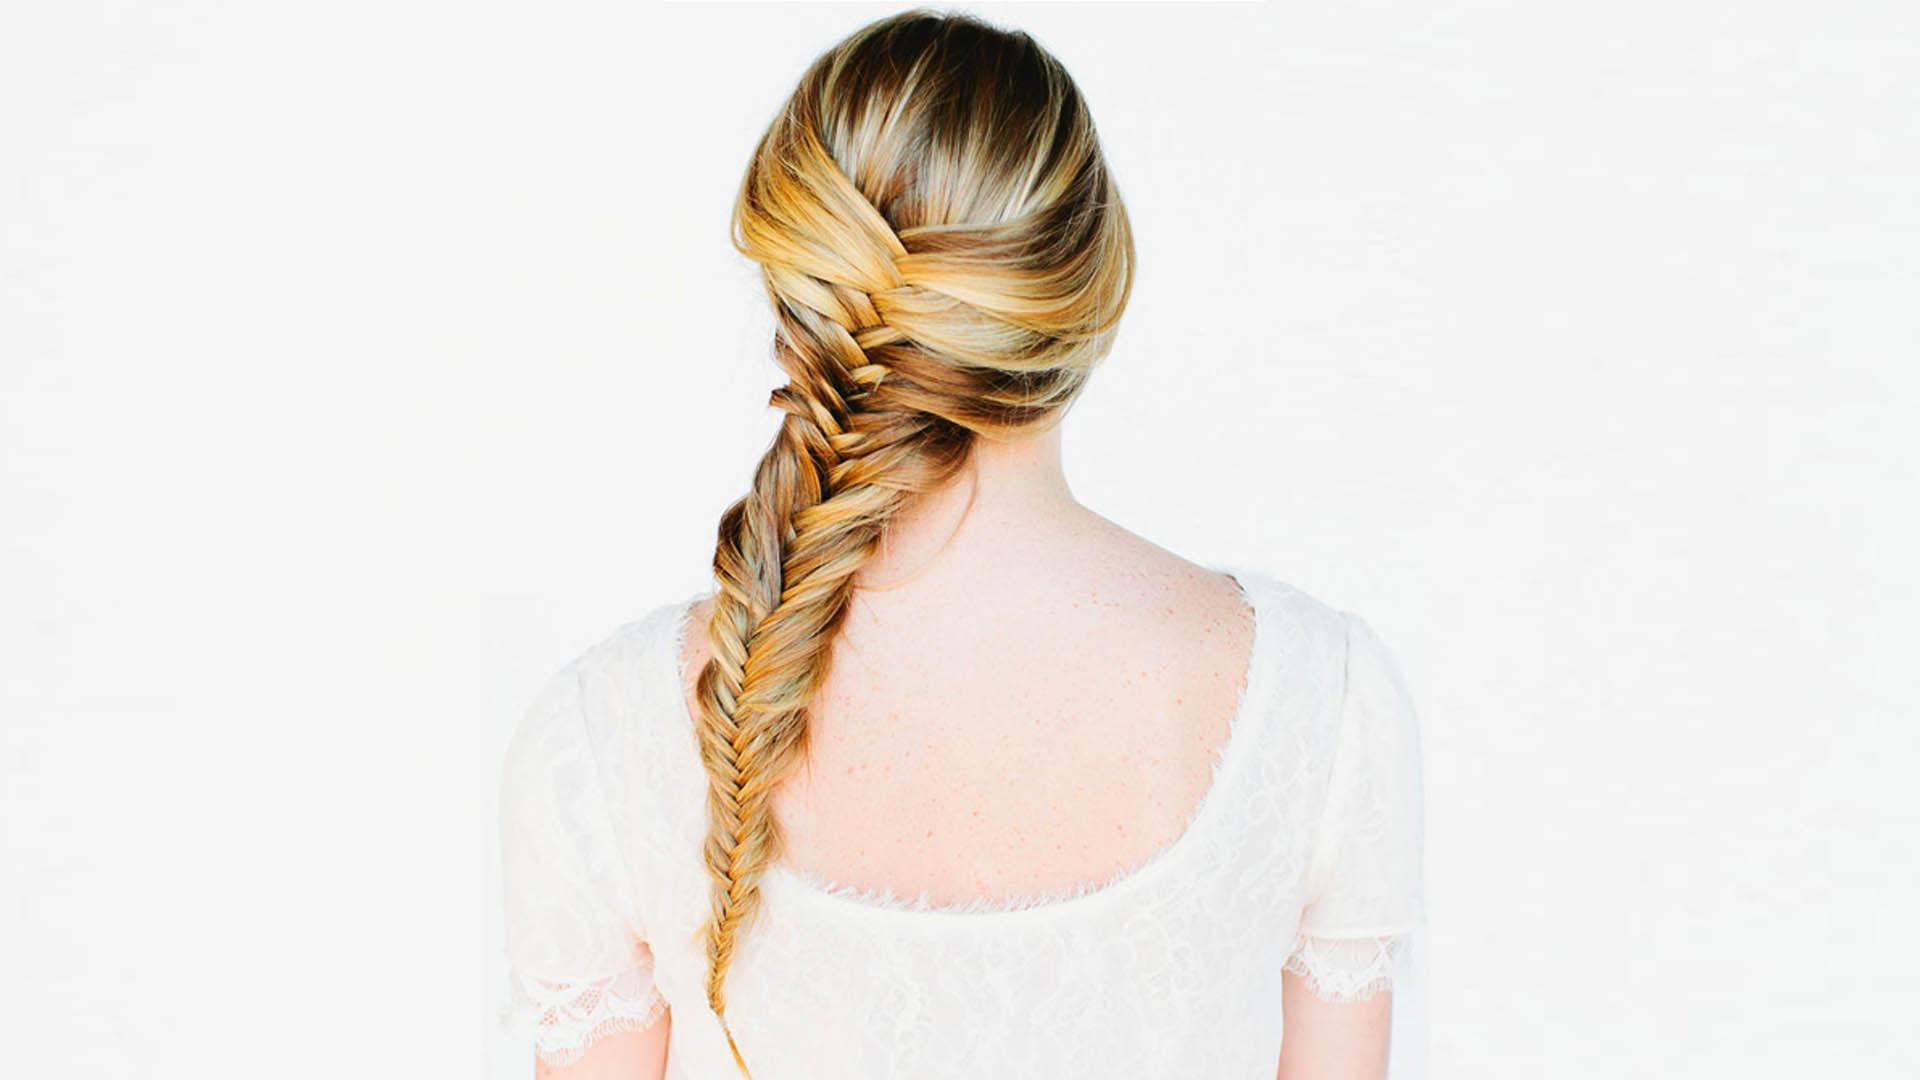 Рыбий хвост прически на длинные волосы